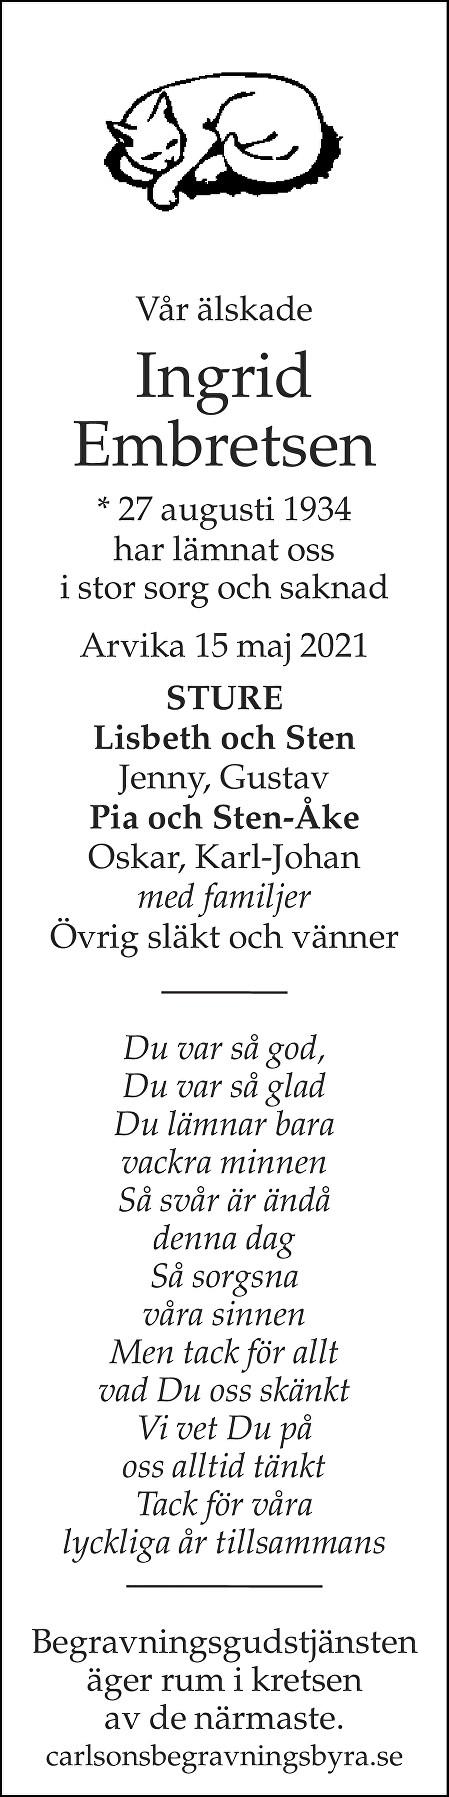 Ingrid Embretsen Death notice